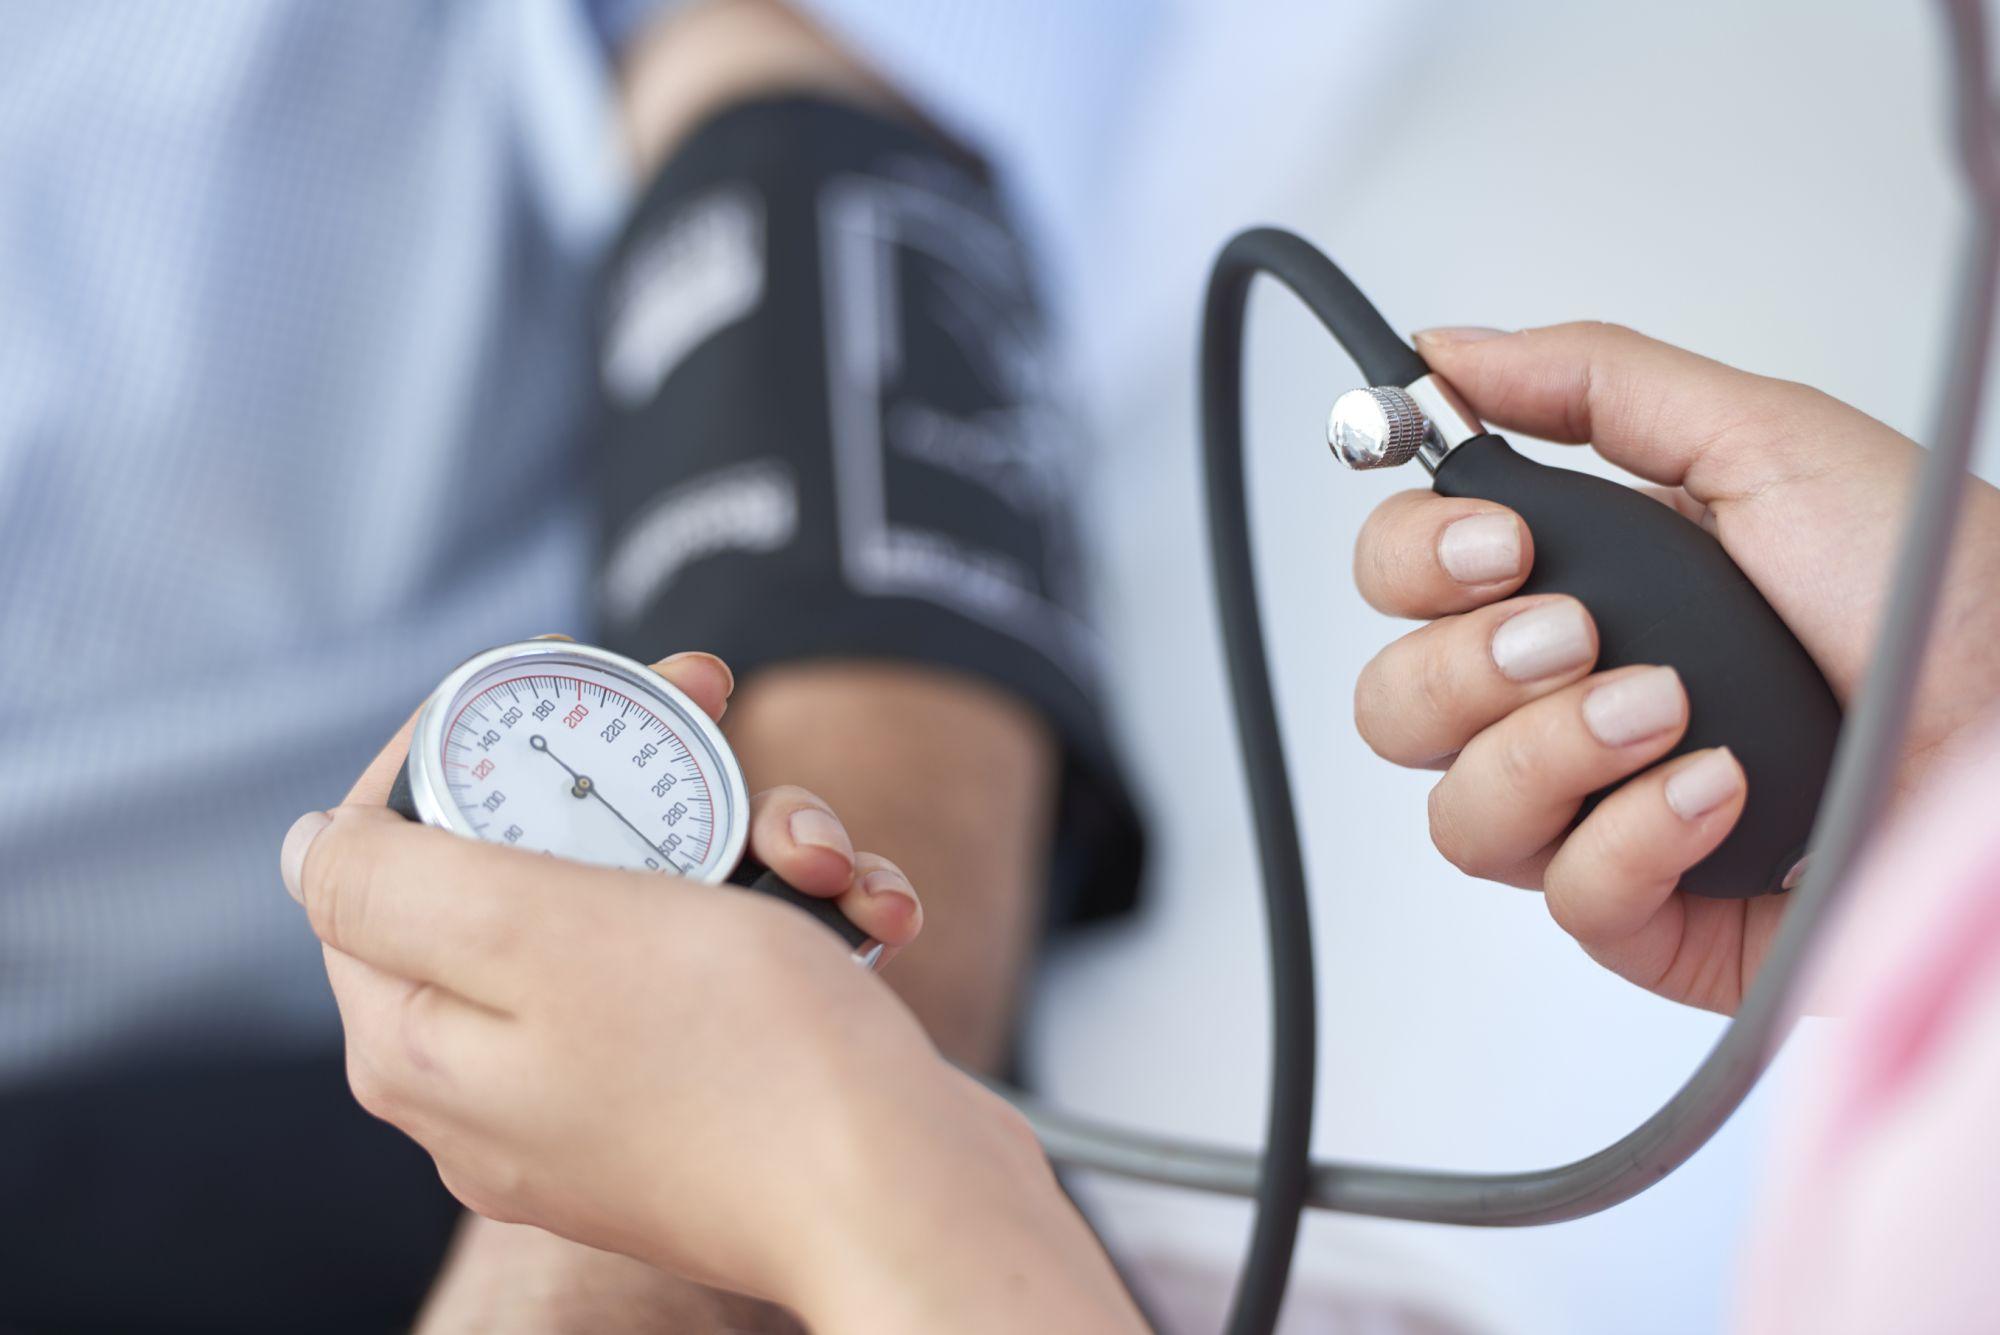 Phương pháp giúp bệnh nhân tiểu đường kiểm soát chỉ số đường huyết an toàn 1